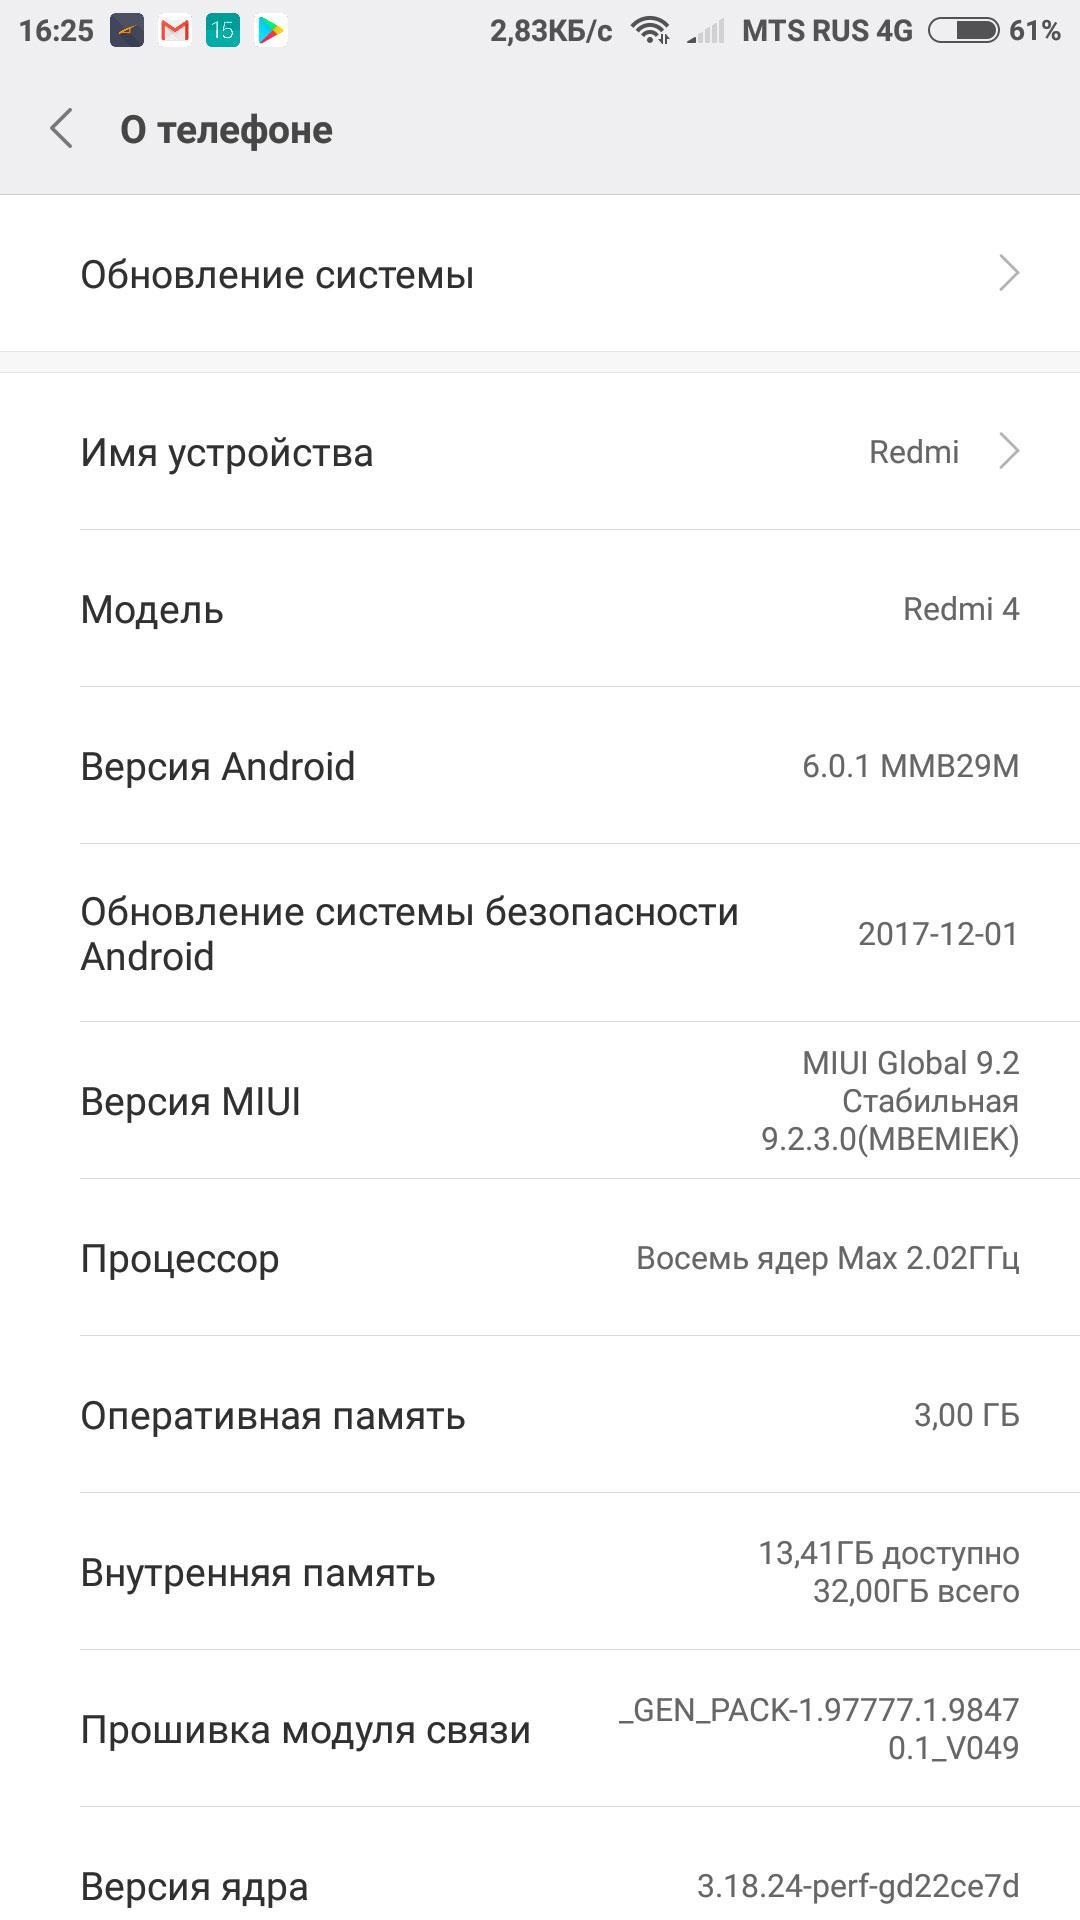 Появилась! Глобальная прошивка 9.2.3.0 для Redmi 4 Prime на базе MIUI 9